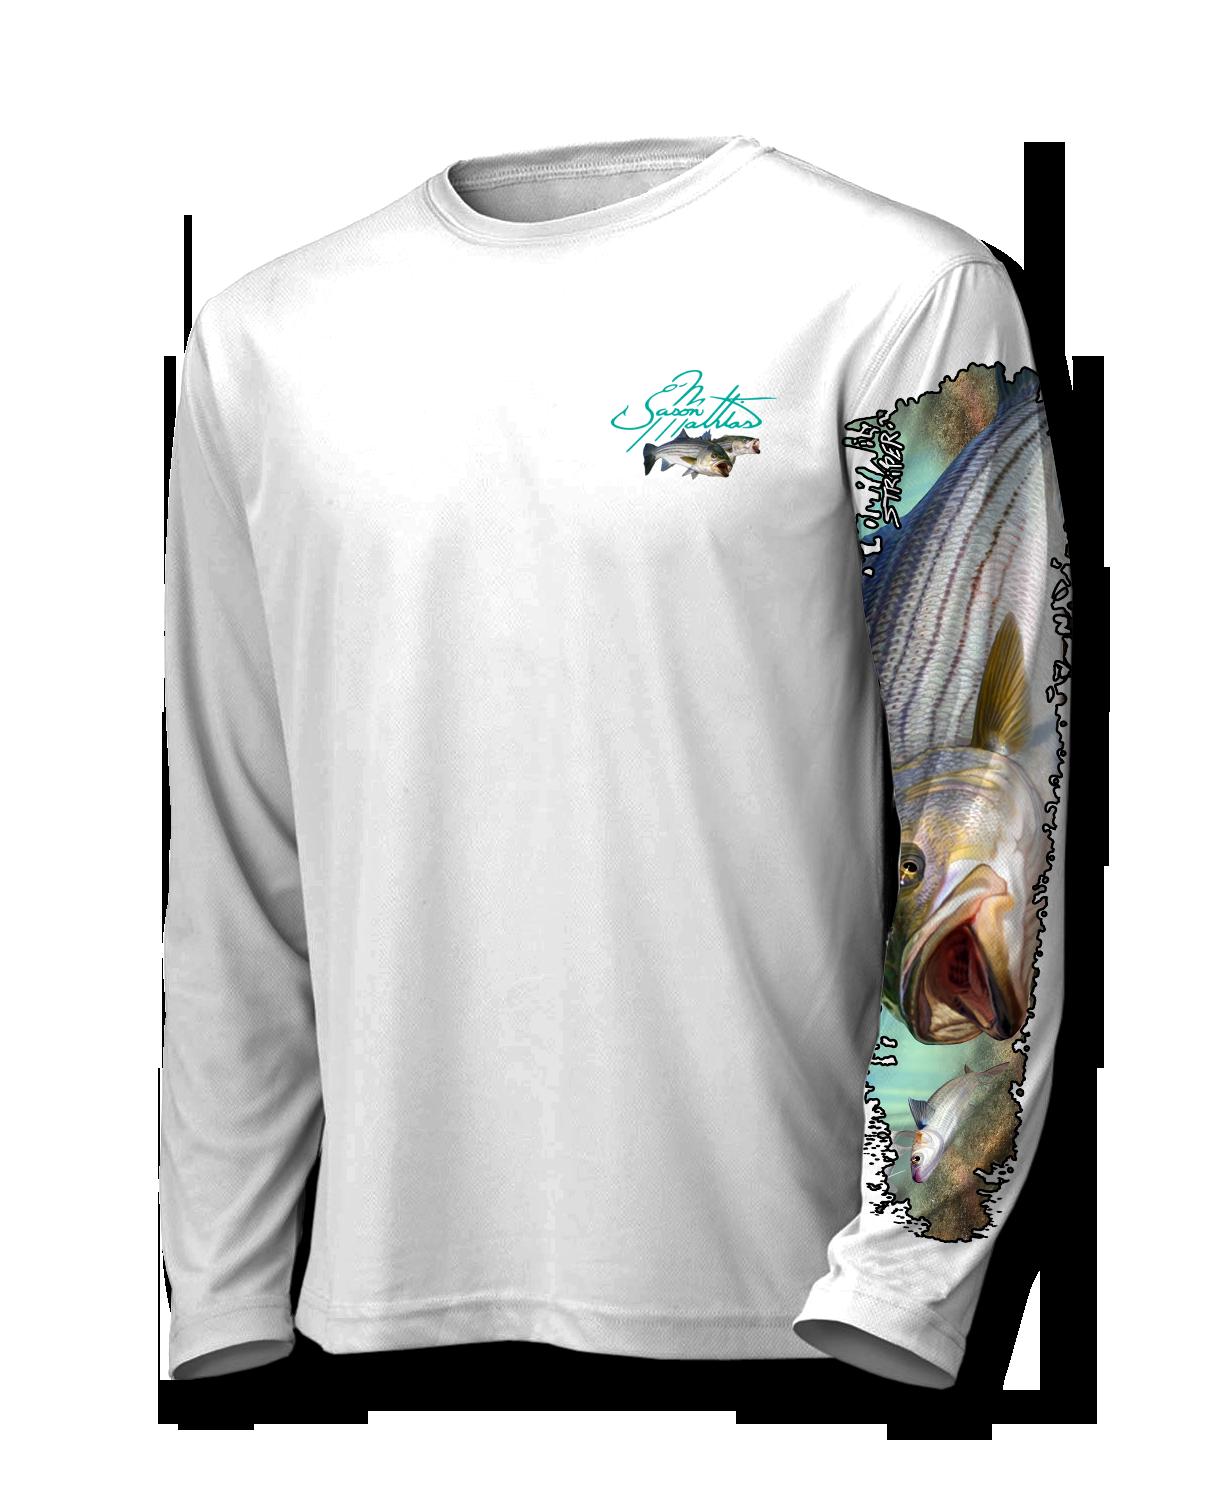 striped-bass-shirt-white-front-jason-mathias.png